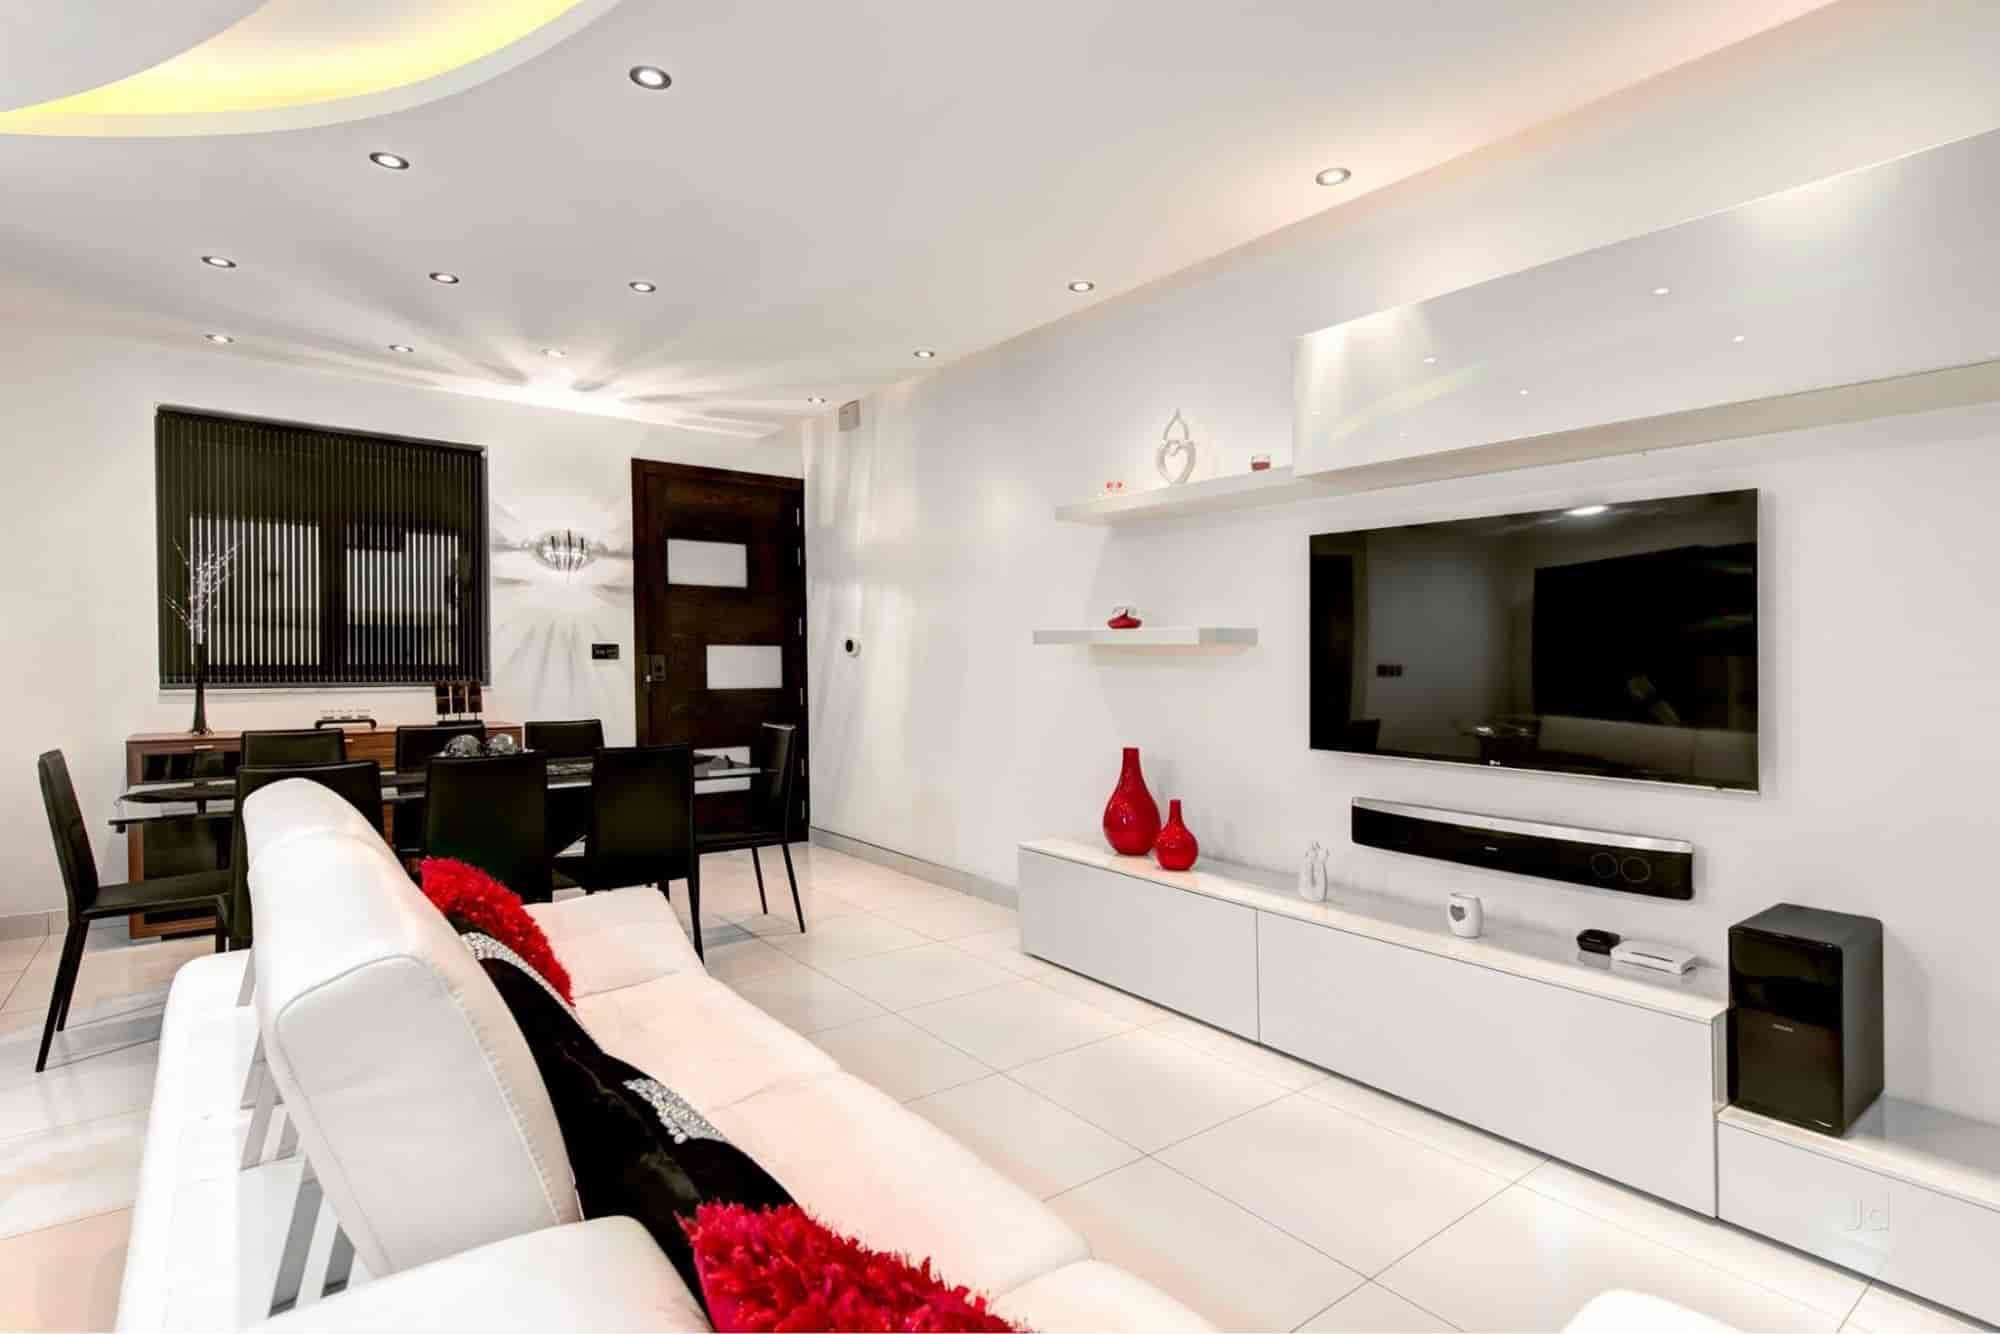 Interior design jobs in andheri mumbai best accessories Interior design work from home jobs in mumbai